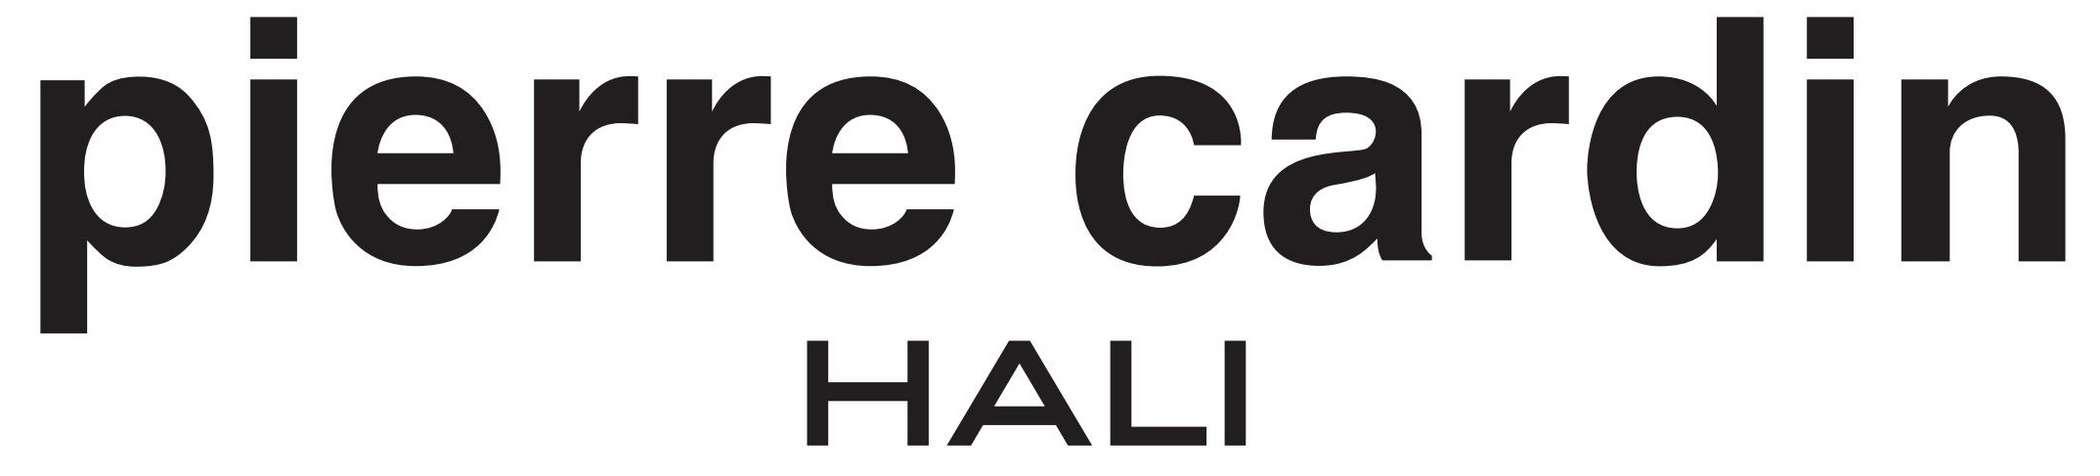 Pierre Cardin Logo [EPS] png